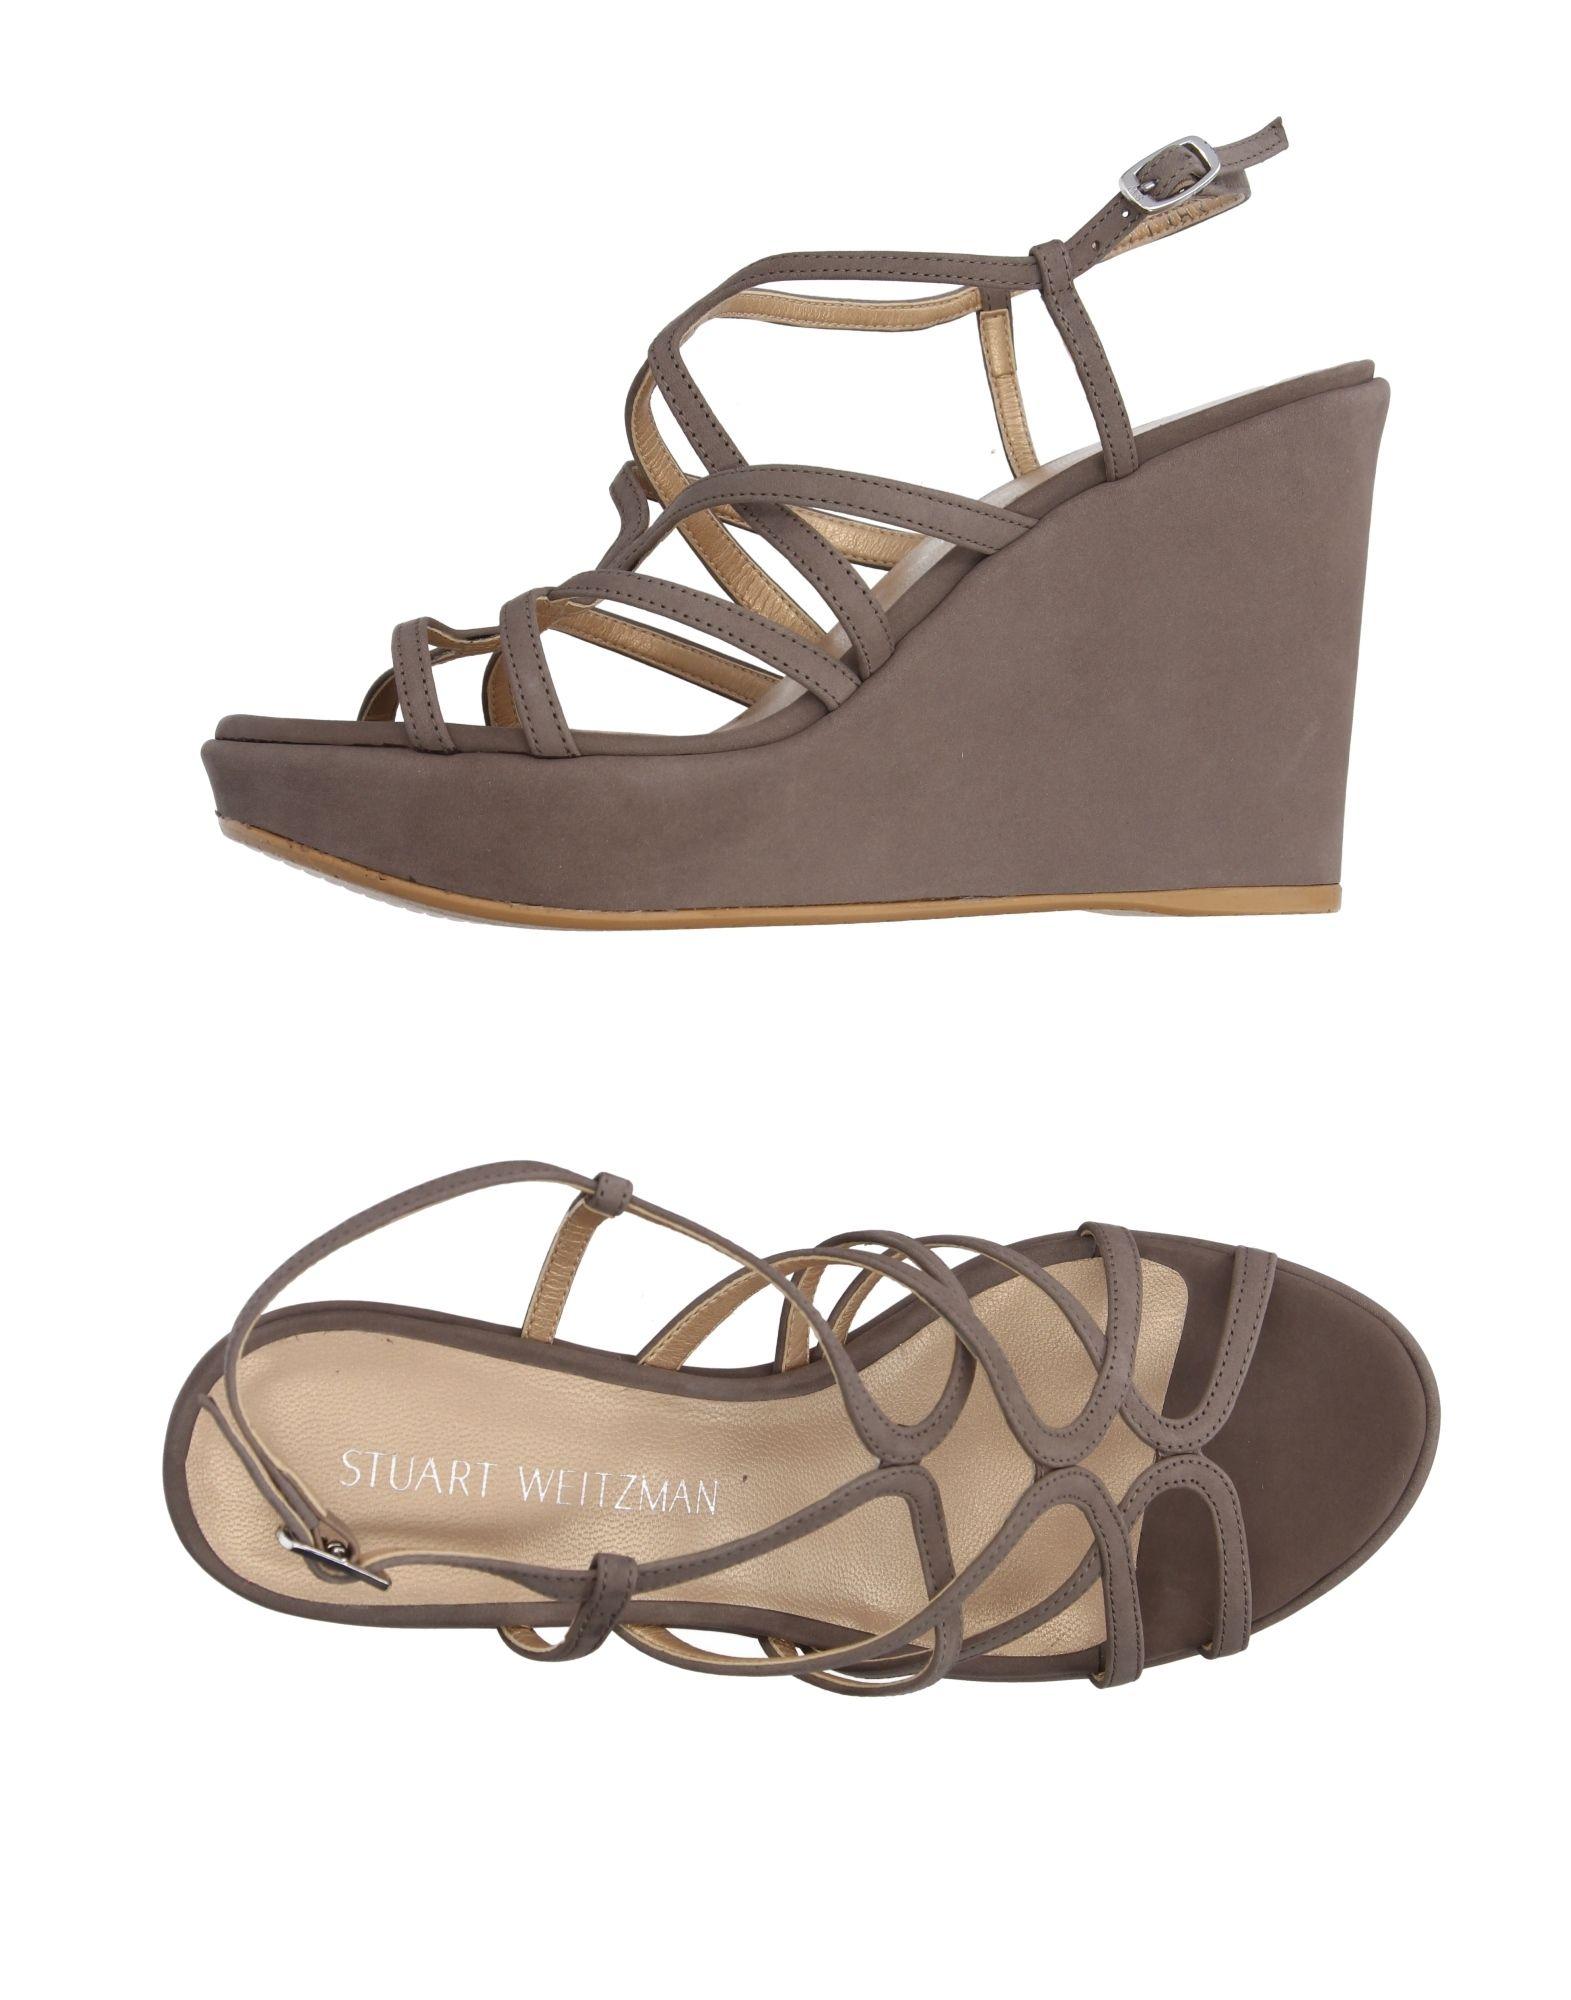 Rabatt Schuhe Stuart Weitzman Sandalen Damen  11189197DV